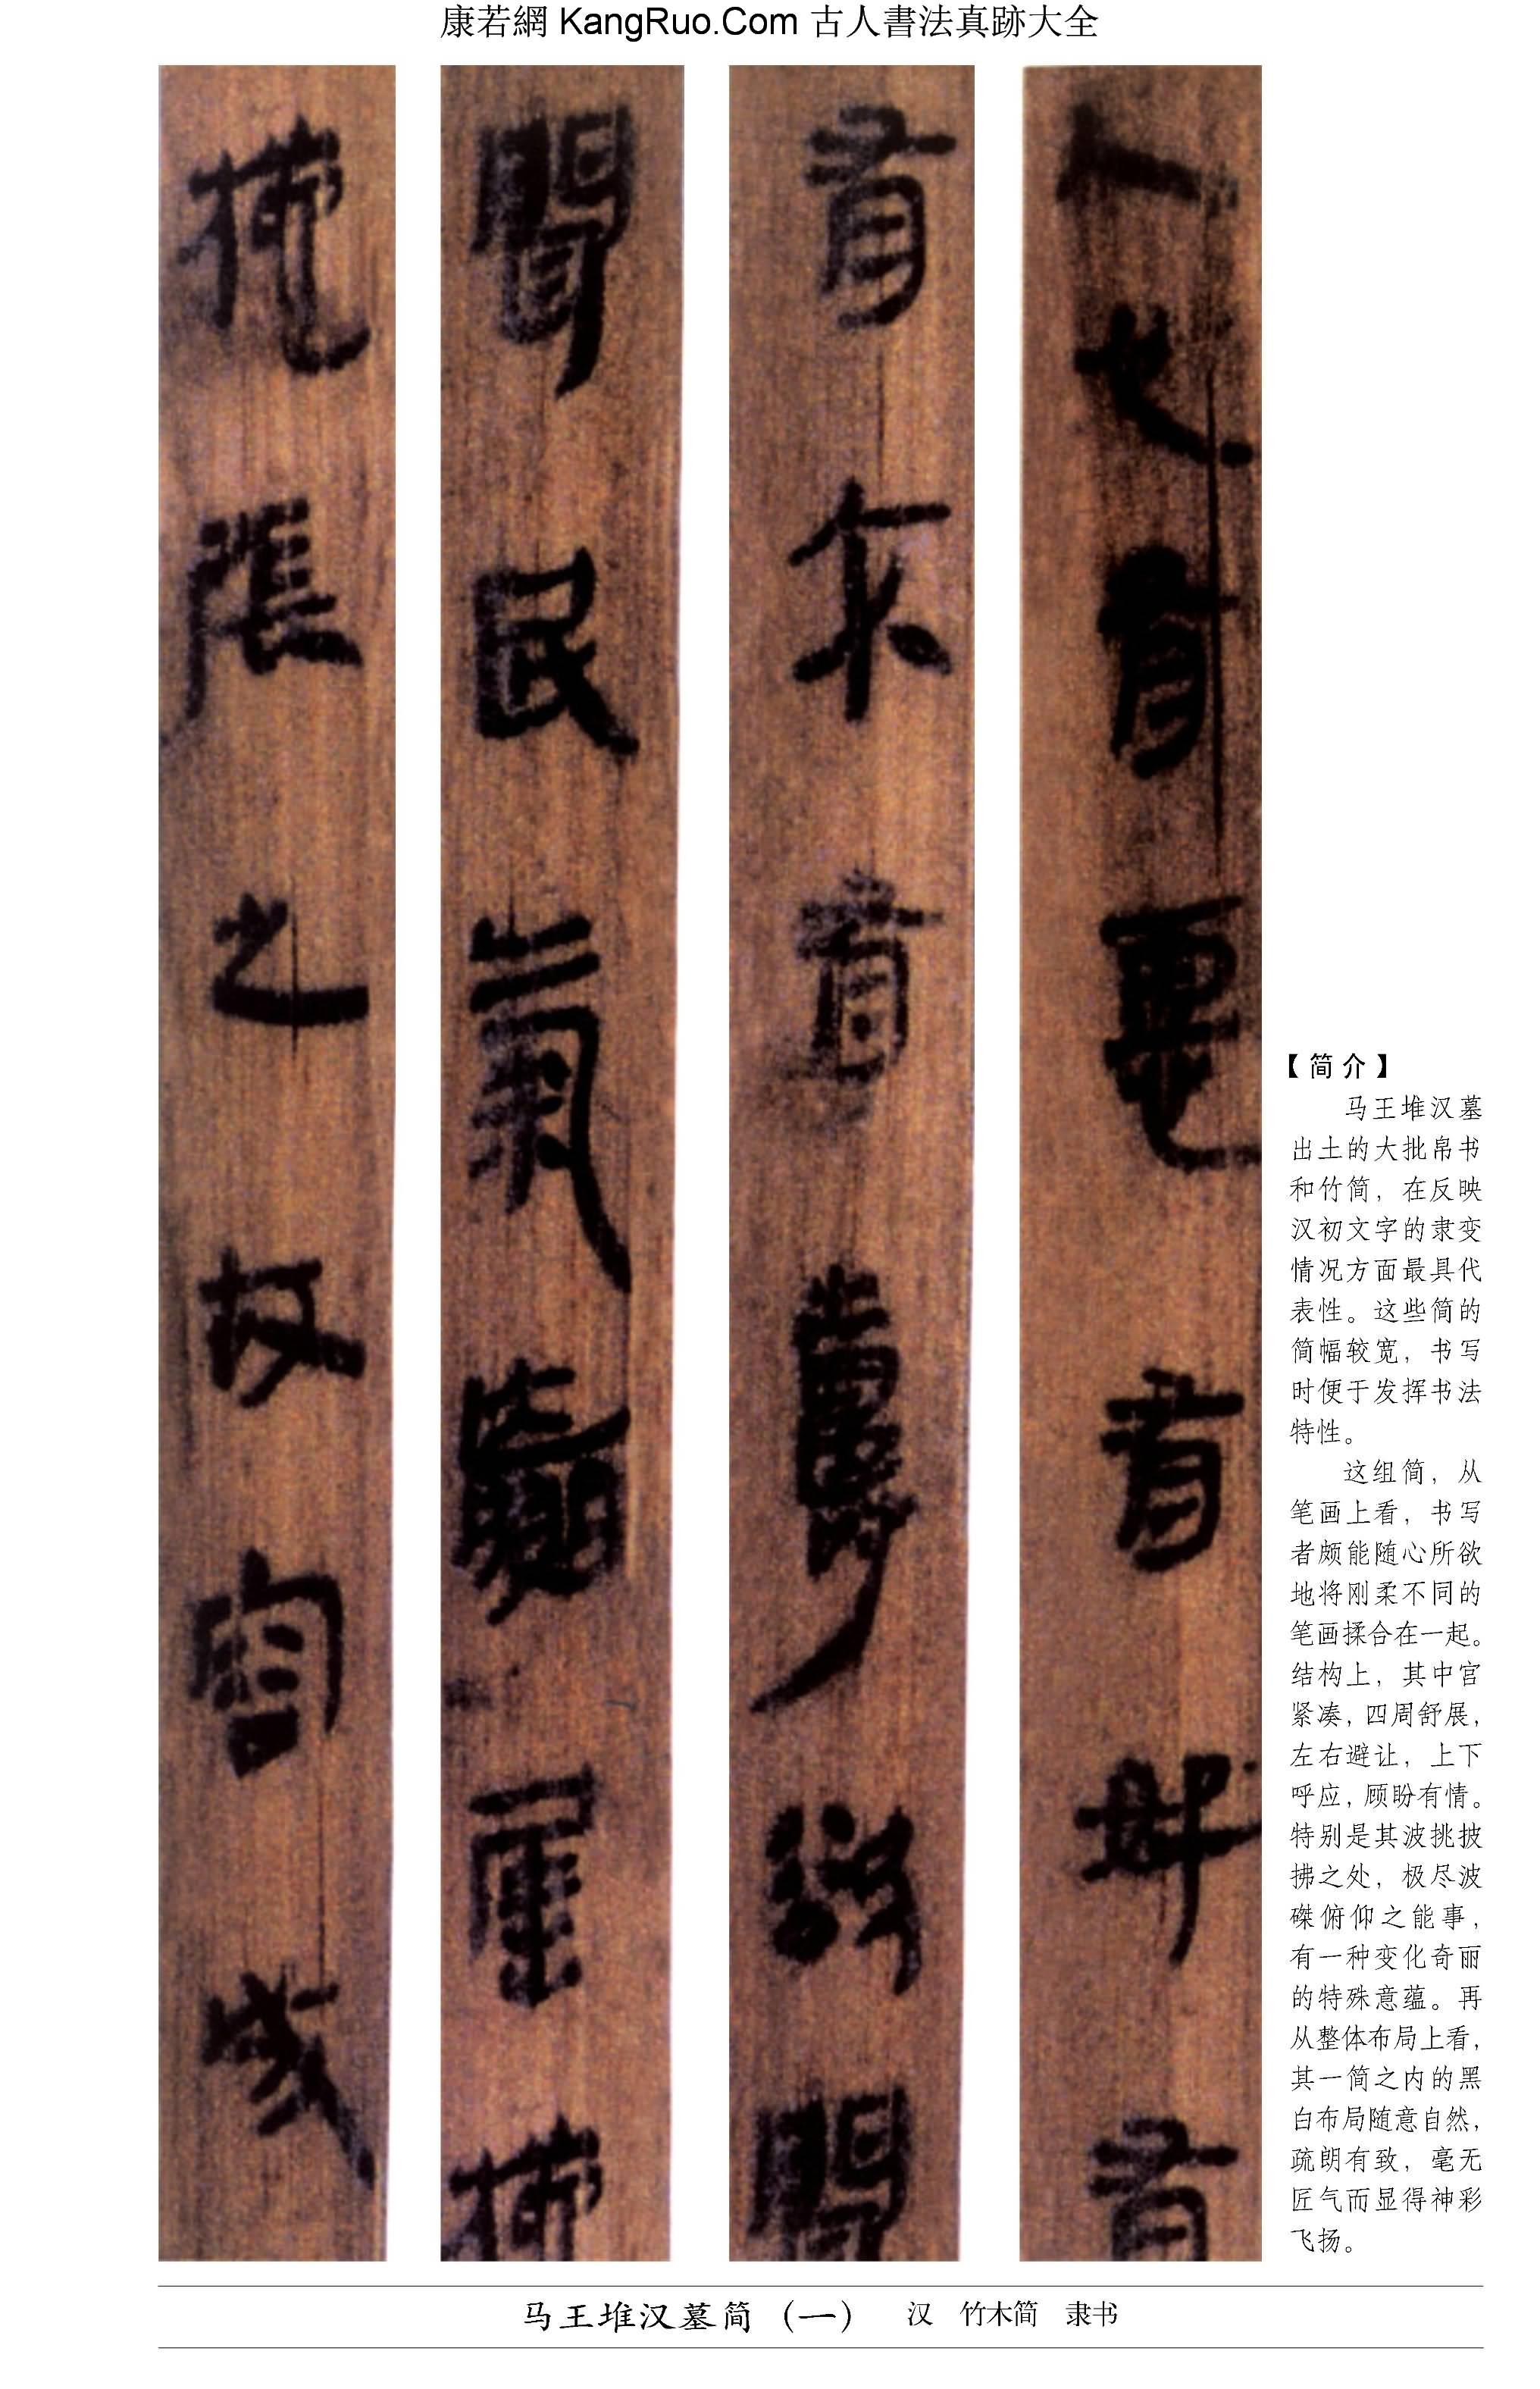 《馬王堆漢墓簡》書法真跡(竹木簡隸書)【漢代】_00067